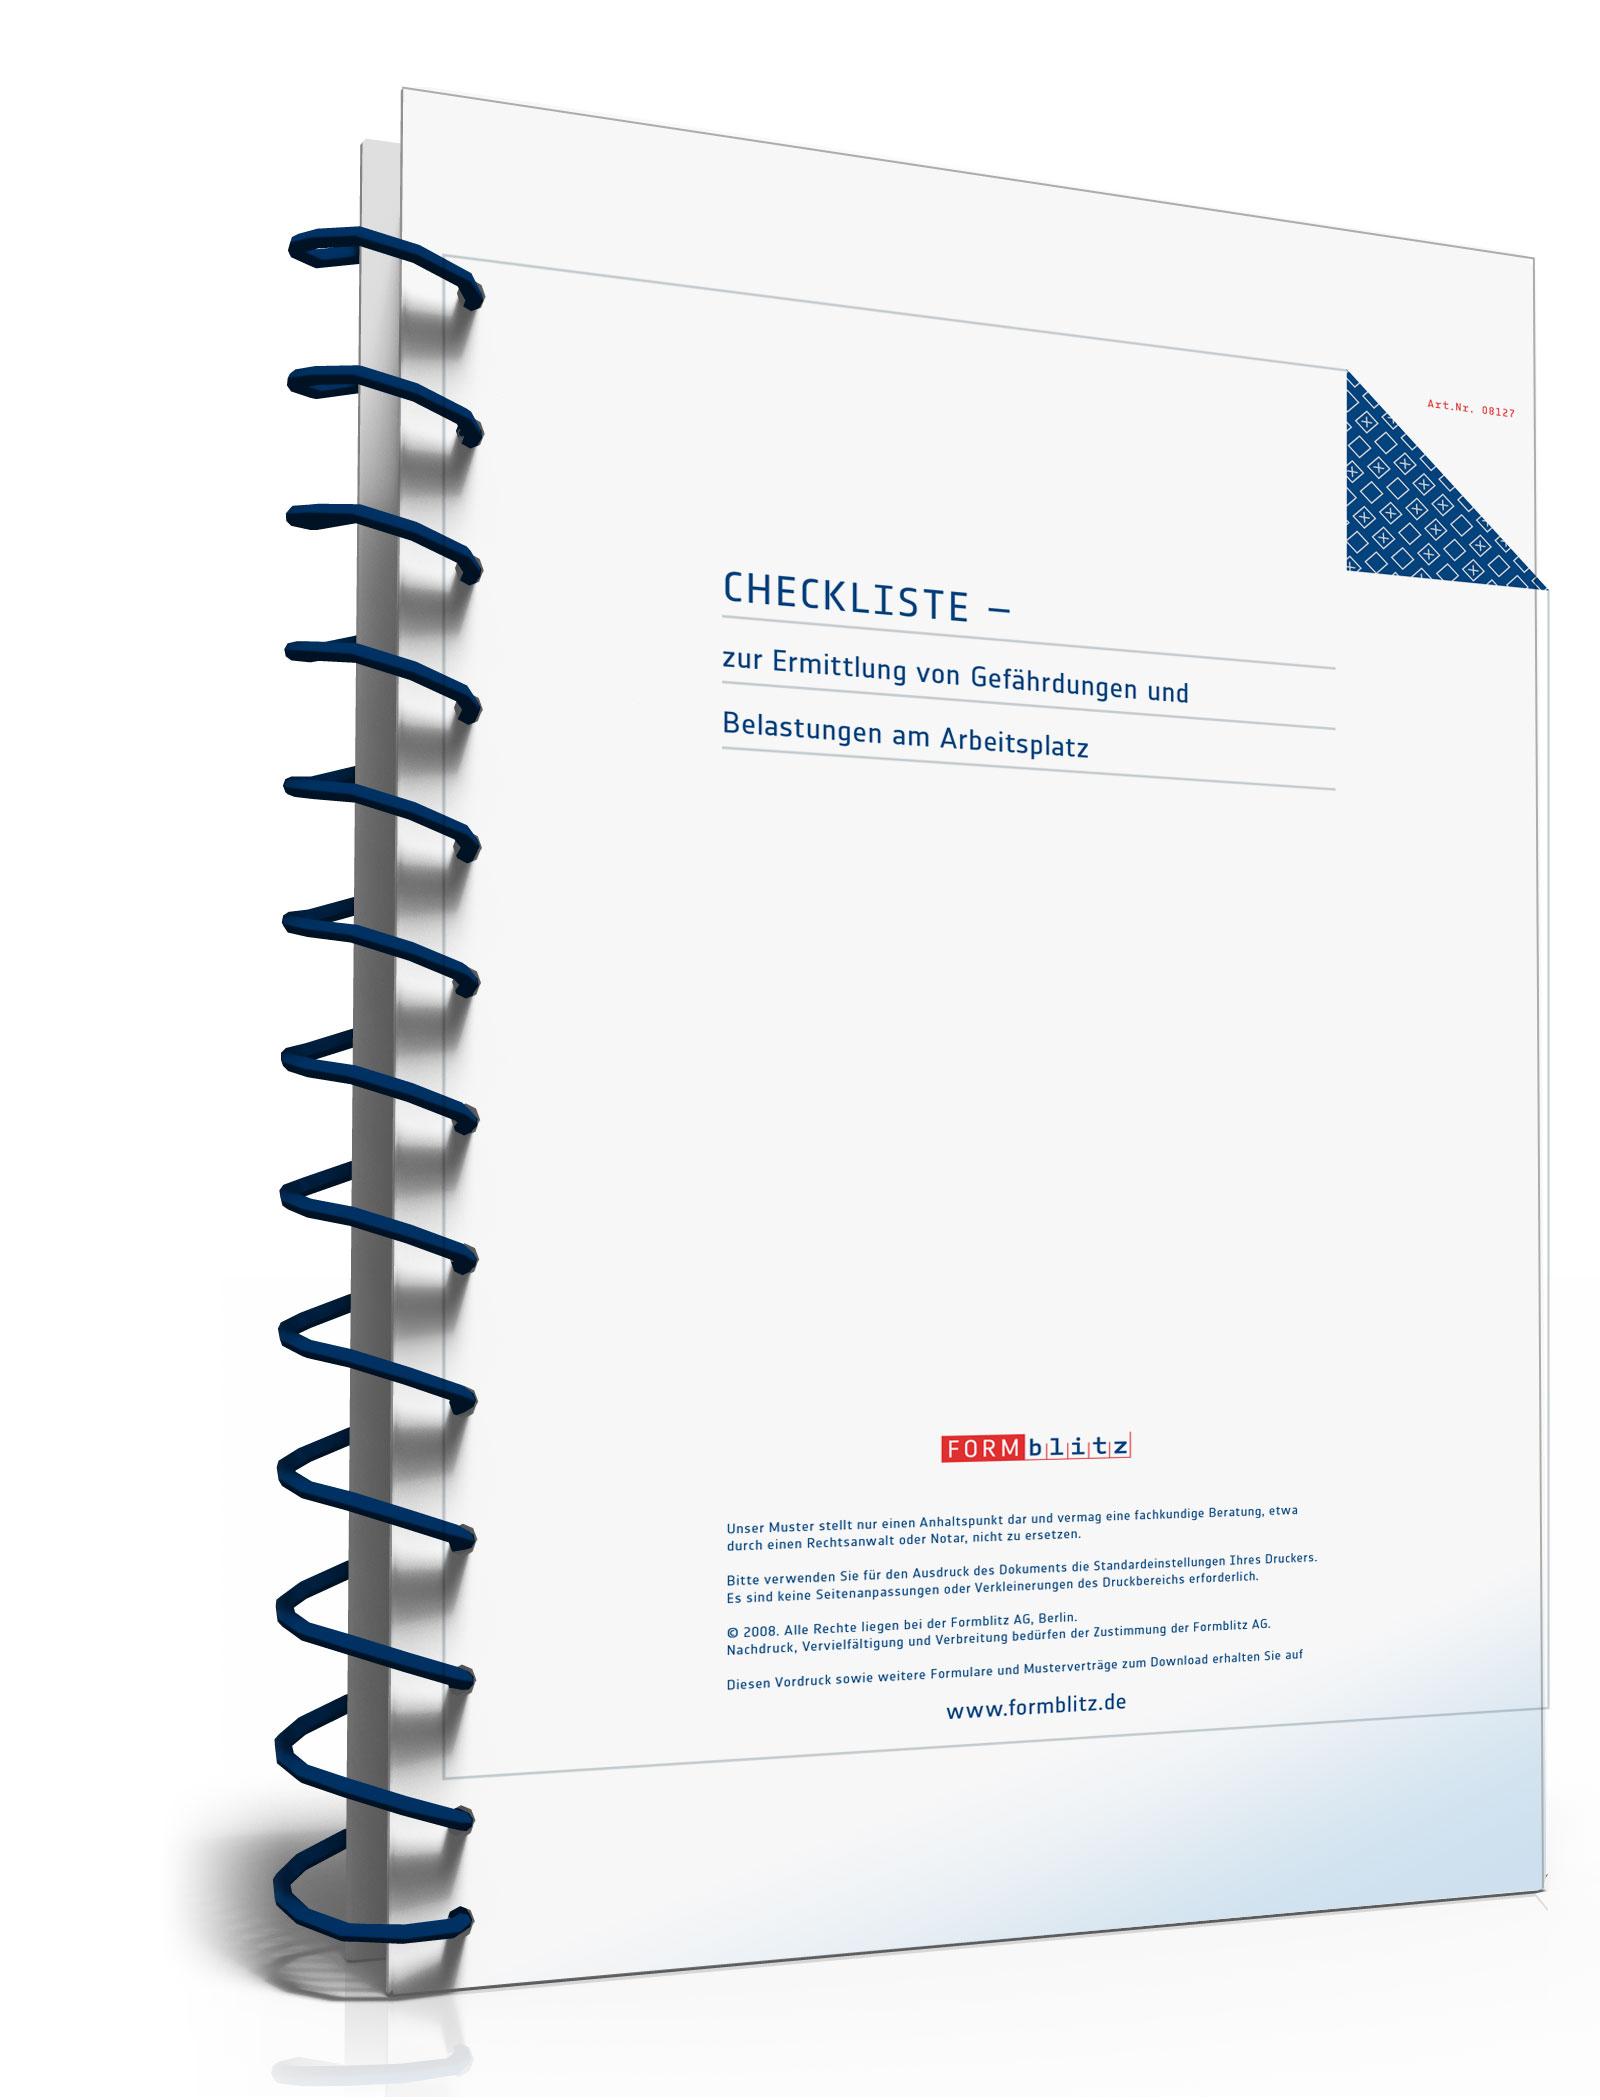 Checkliste Gefährdungen am Arbeitsplatz